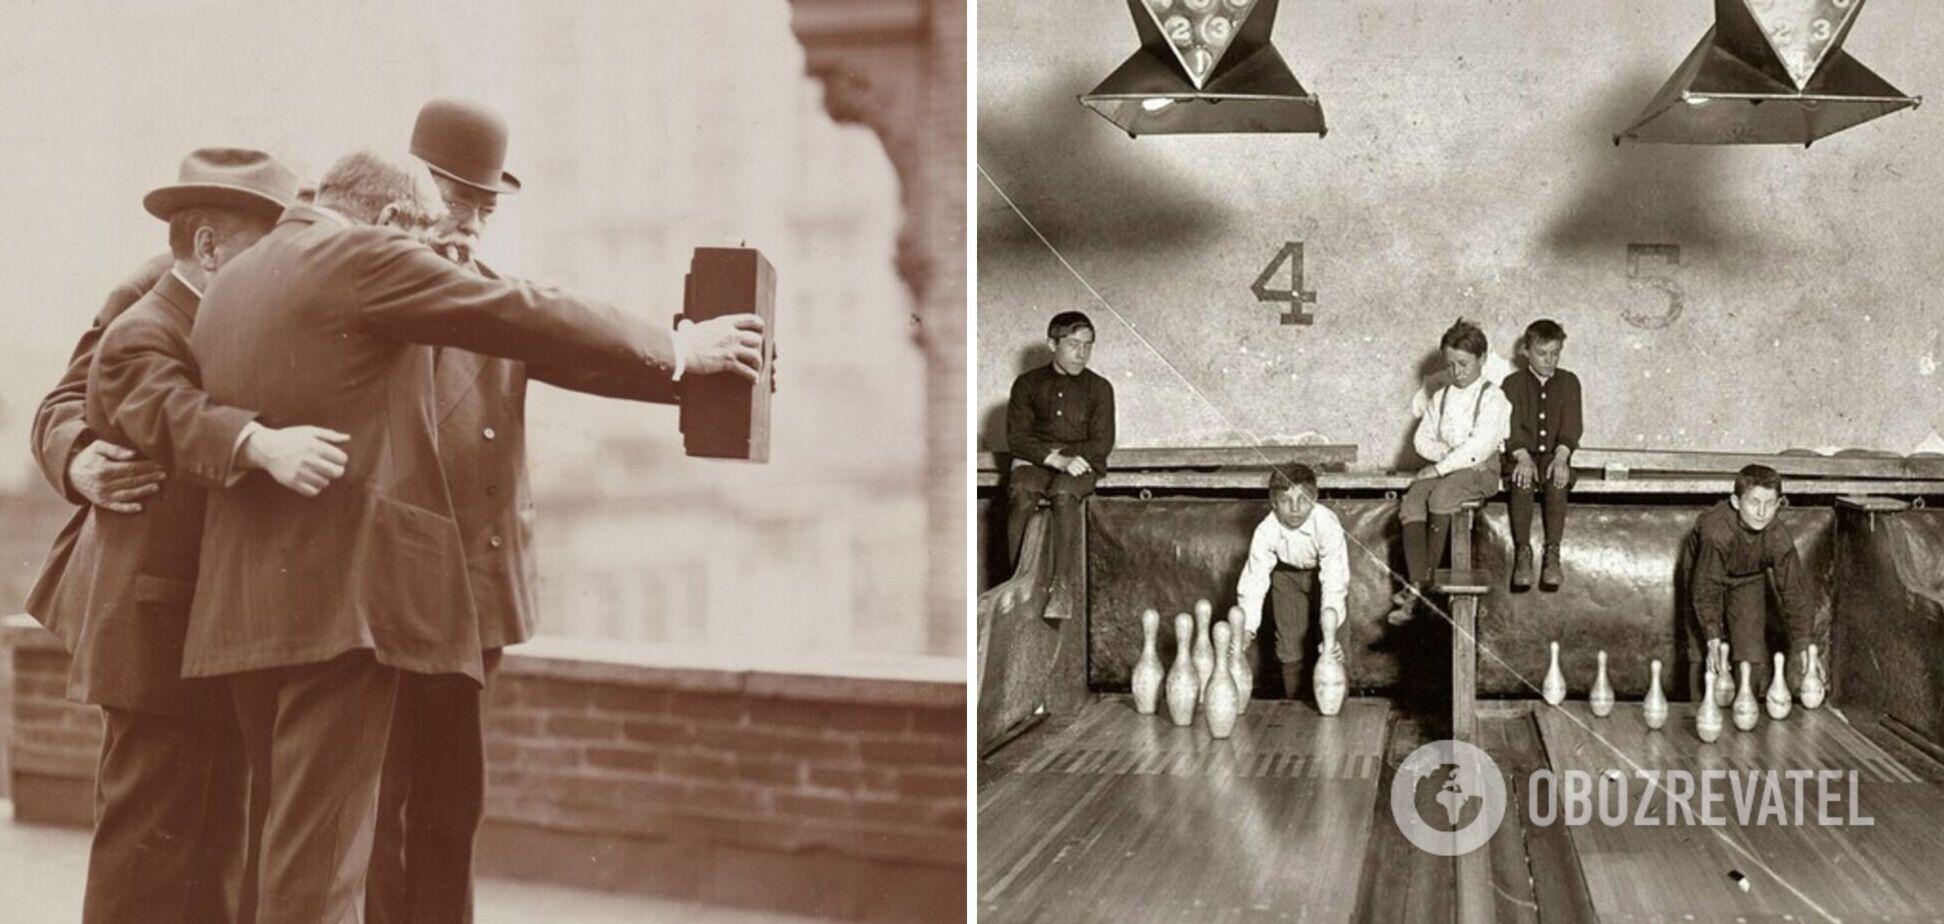 Эти снимки были сделаны словно для того, чтобы удивлять жителей 21 века